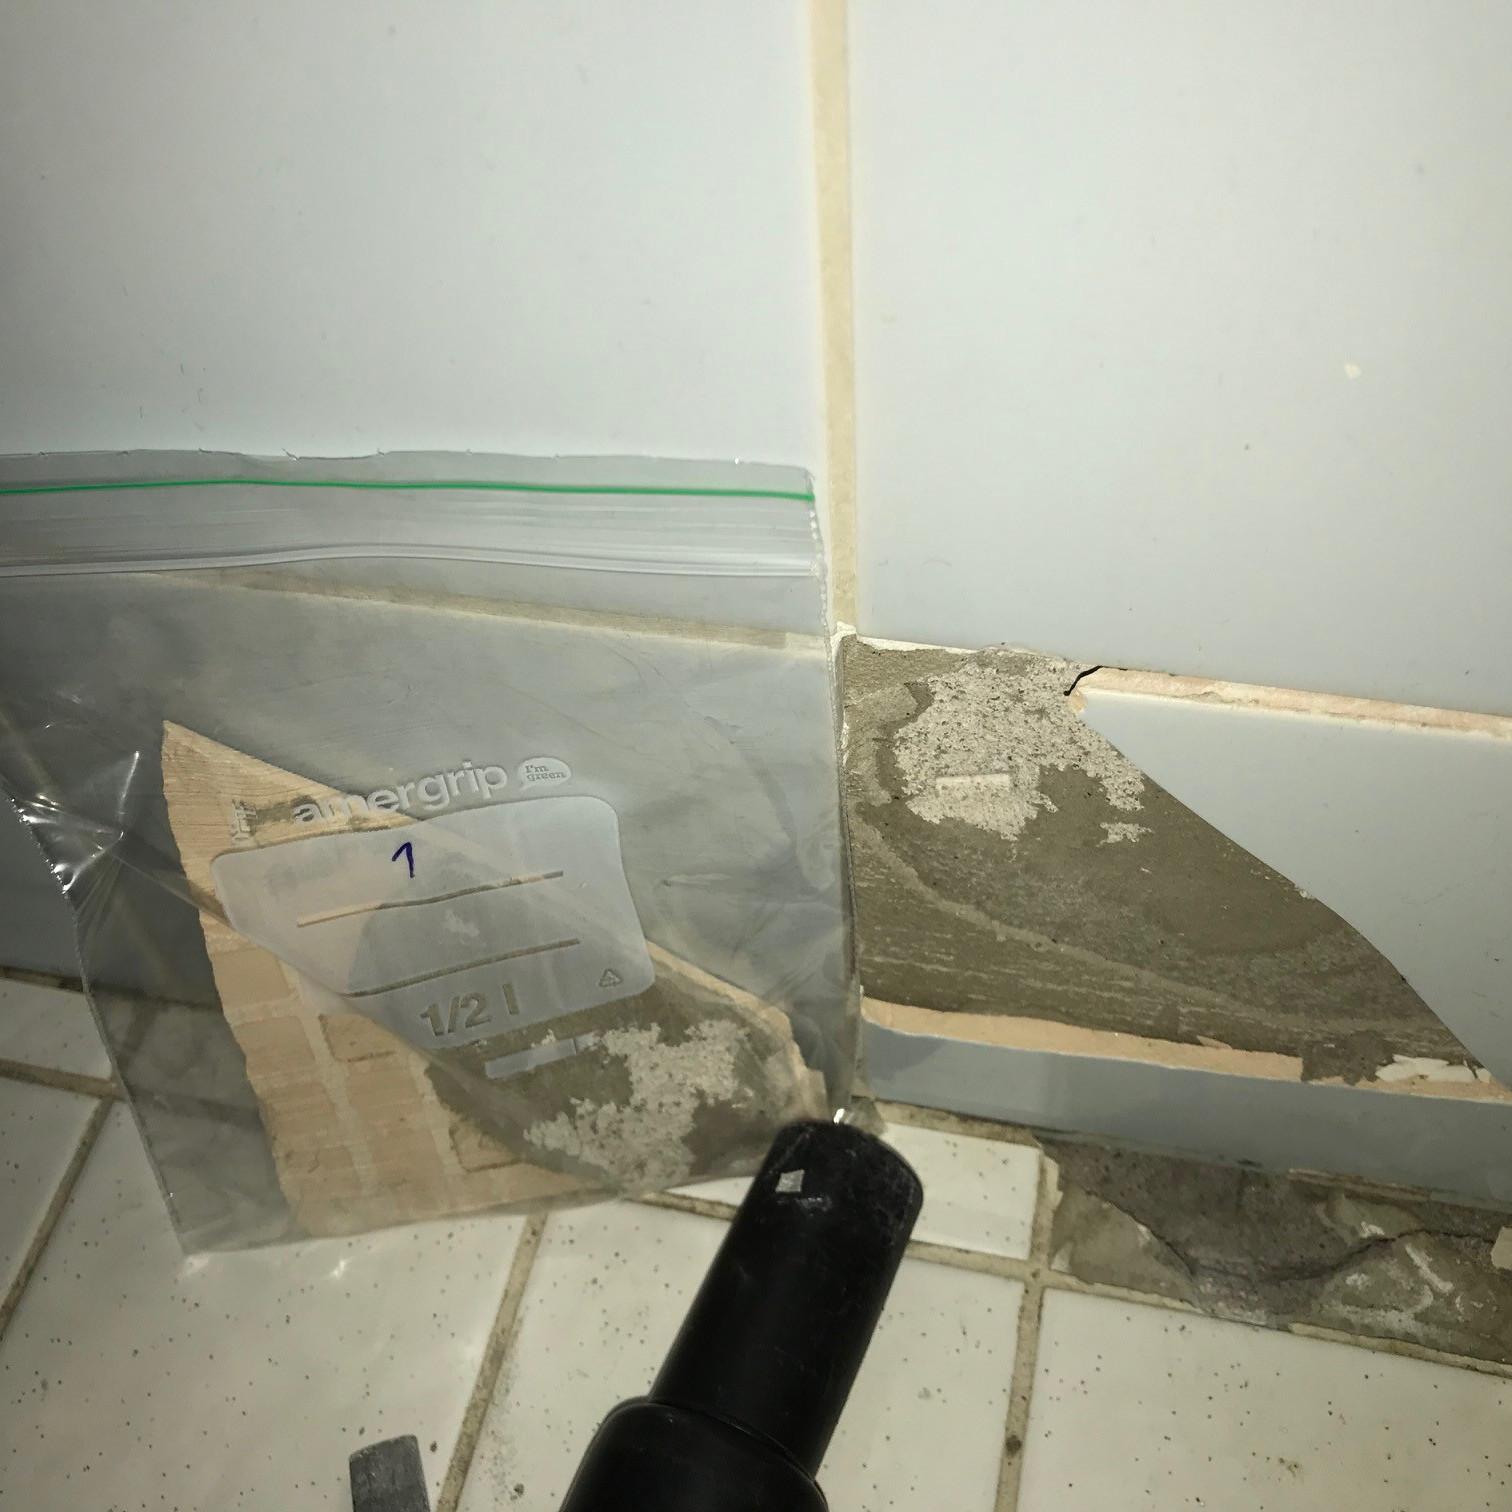 Remontoinnin yhteydessä esimerkiksi laattojen kiinnityslaastissa voi olla asbestia